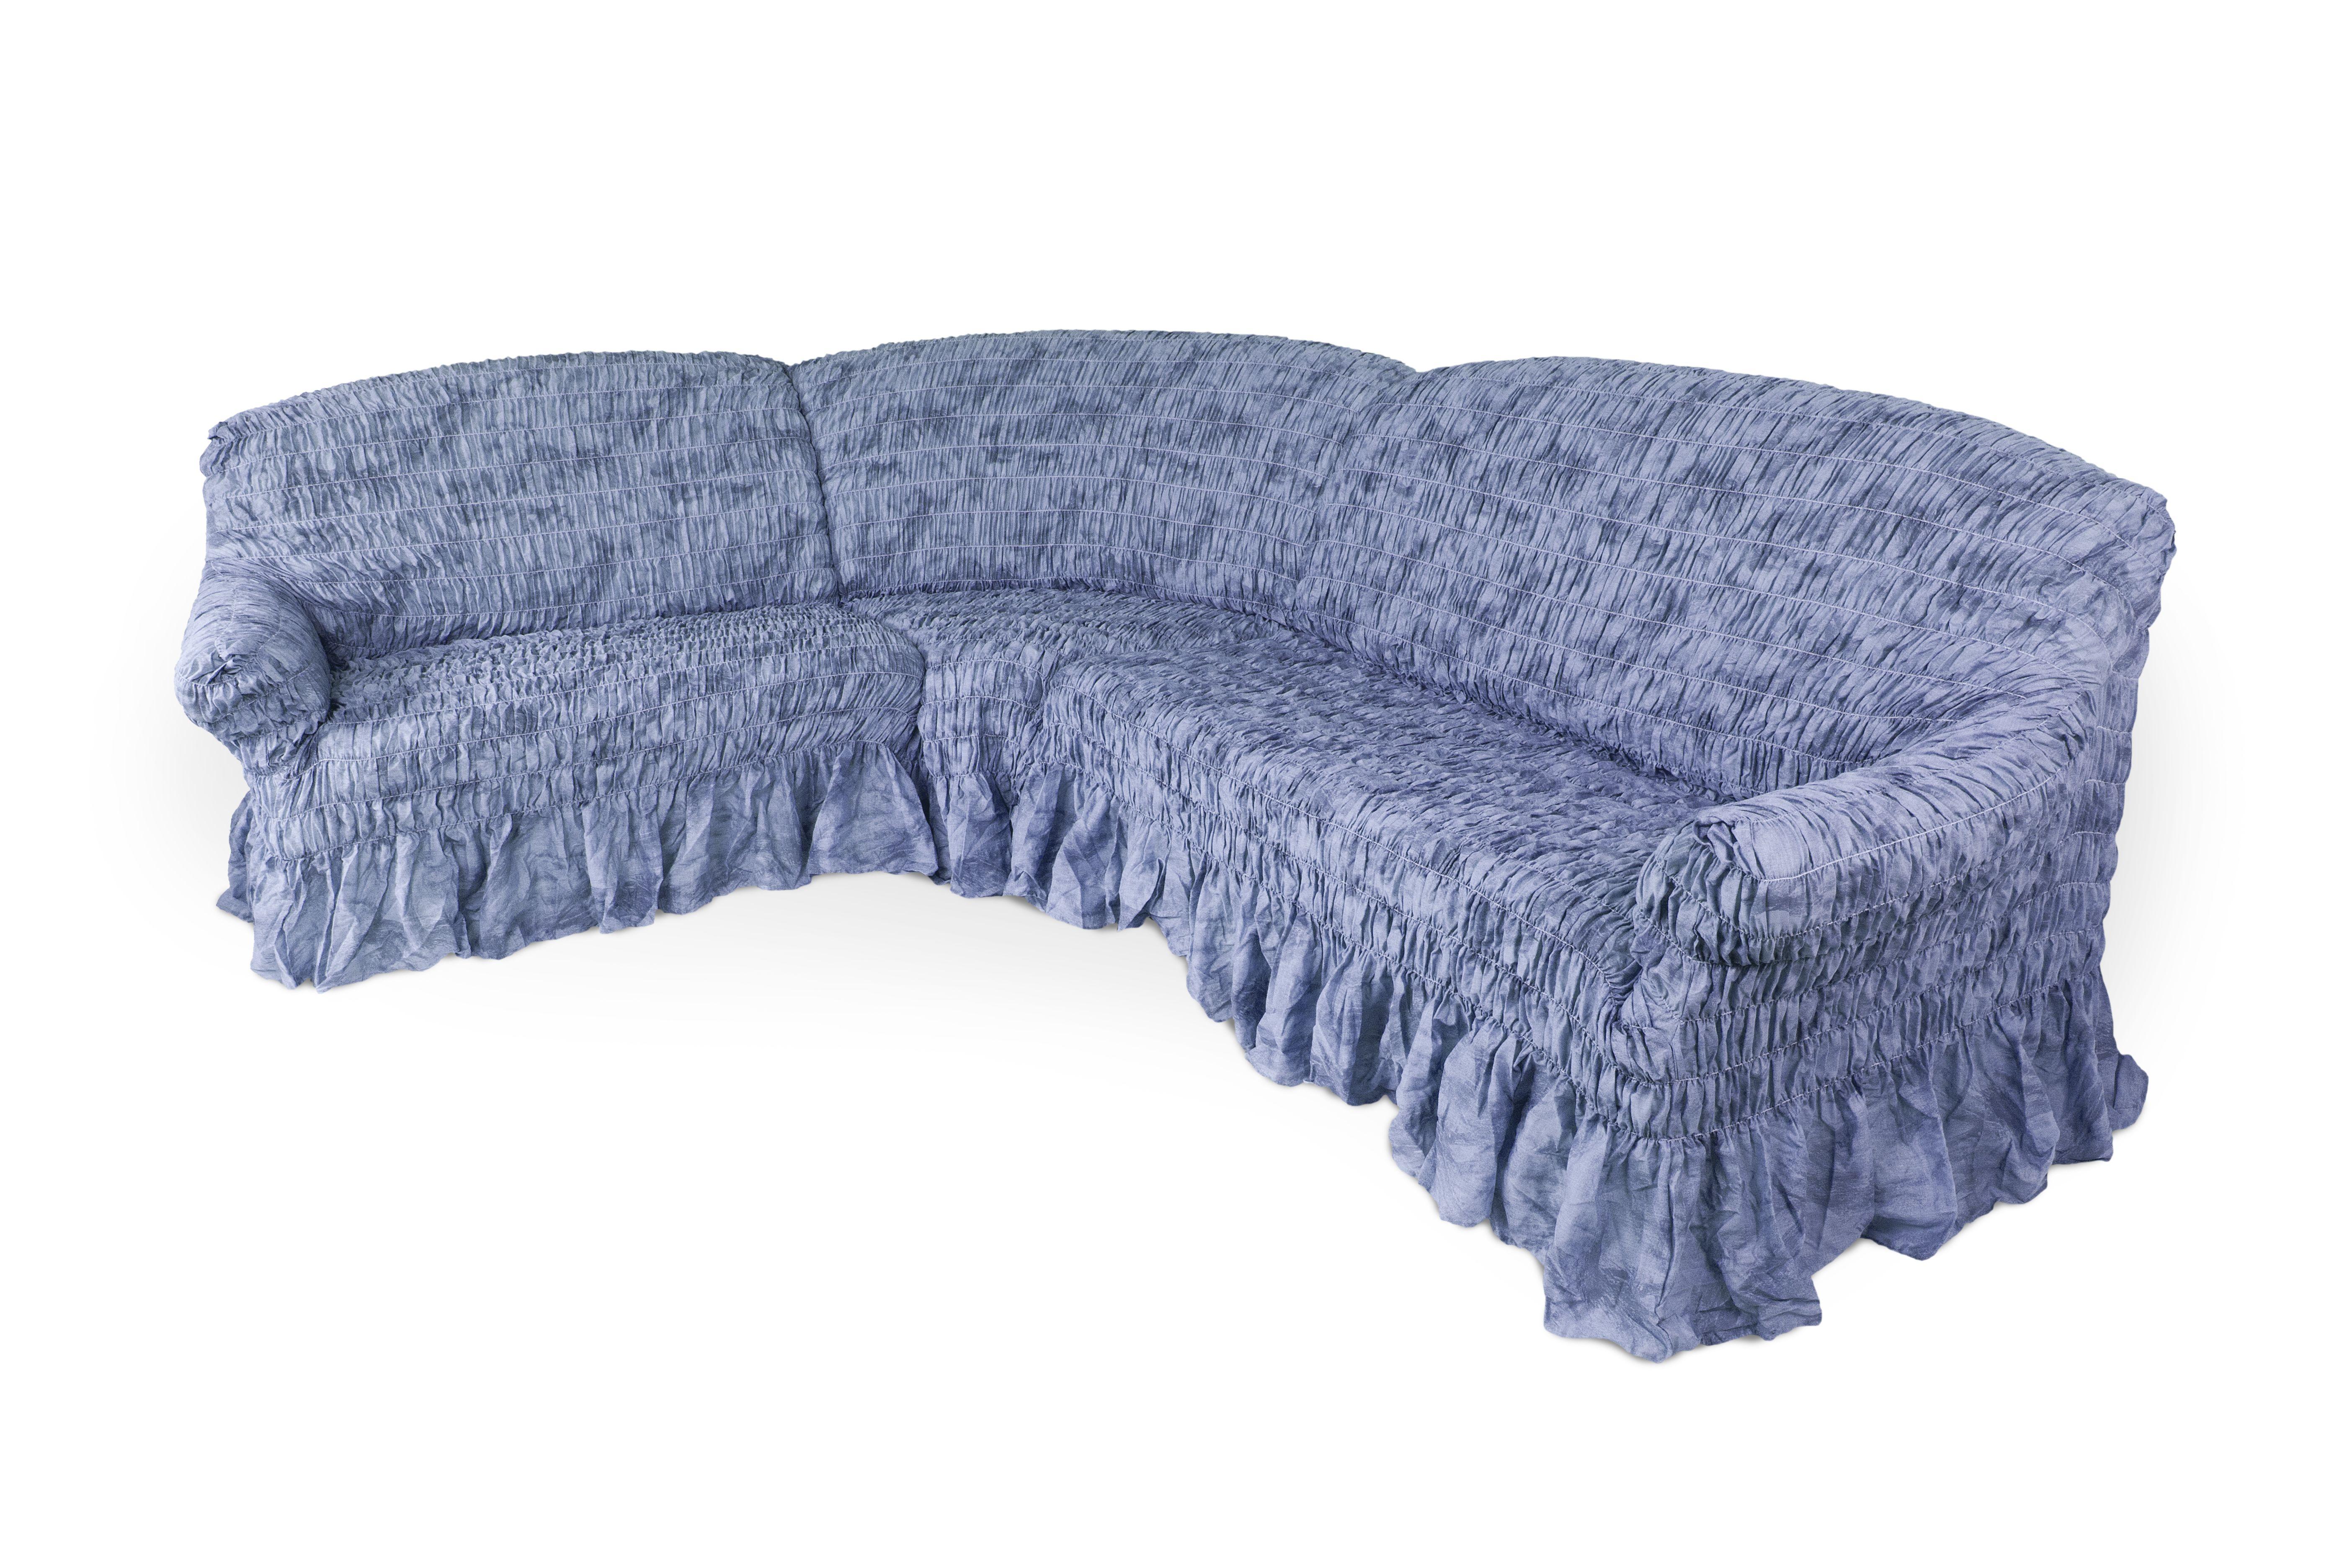 Еврочехол на классический угловой диван Еврочехол Фантазия, цвет: синий. 2/10-82/10-8Чехол Фантазия защитит Вашу мебель от ежедневных воздействий внешних факторов. Натуральный состав ткани гипоаллергенен, а потому безопасен для малышей или людей пожилого возраста. Синий цвет всегда был популярным как в сдержанном классическом стиле интерьера или в стилистике модерна, где преимущественно распространены однотонные элементы декора, так и в романтическом провансе, где приглушенные оттенки лаконично и гармонично сочетаются с иными чертами. Предлагаемый чехол для мебели создаст атмосферу утонченности и элегантности как городских, так и загородных домов. Наличие оборки (юбки) по нижнему краю чехла придает мебели особое очарование, изюминку, привнося в интерьер помещения уют, свежесть, легкость и мягкость. А сочетание доступной цены и итальянского качества - это еще одно преимущество натяжного чехла. Гостиная, детская, кухня, прихожая или спальня – с таким чехлом любая комната будет смотреться стильно всегда. Состав: 50% хлопок, 50% полиэстер. Растяжимость чехла по...